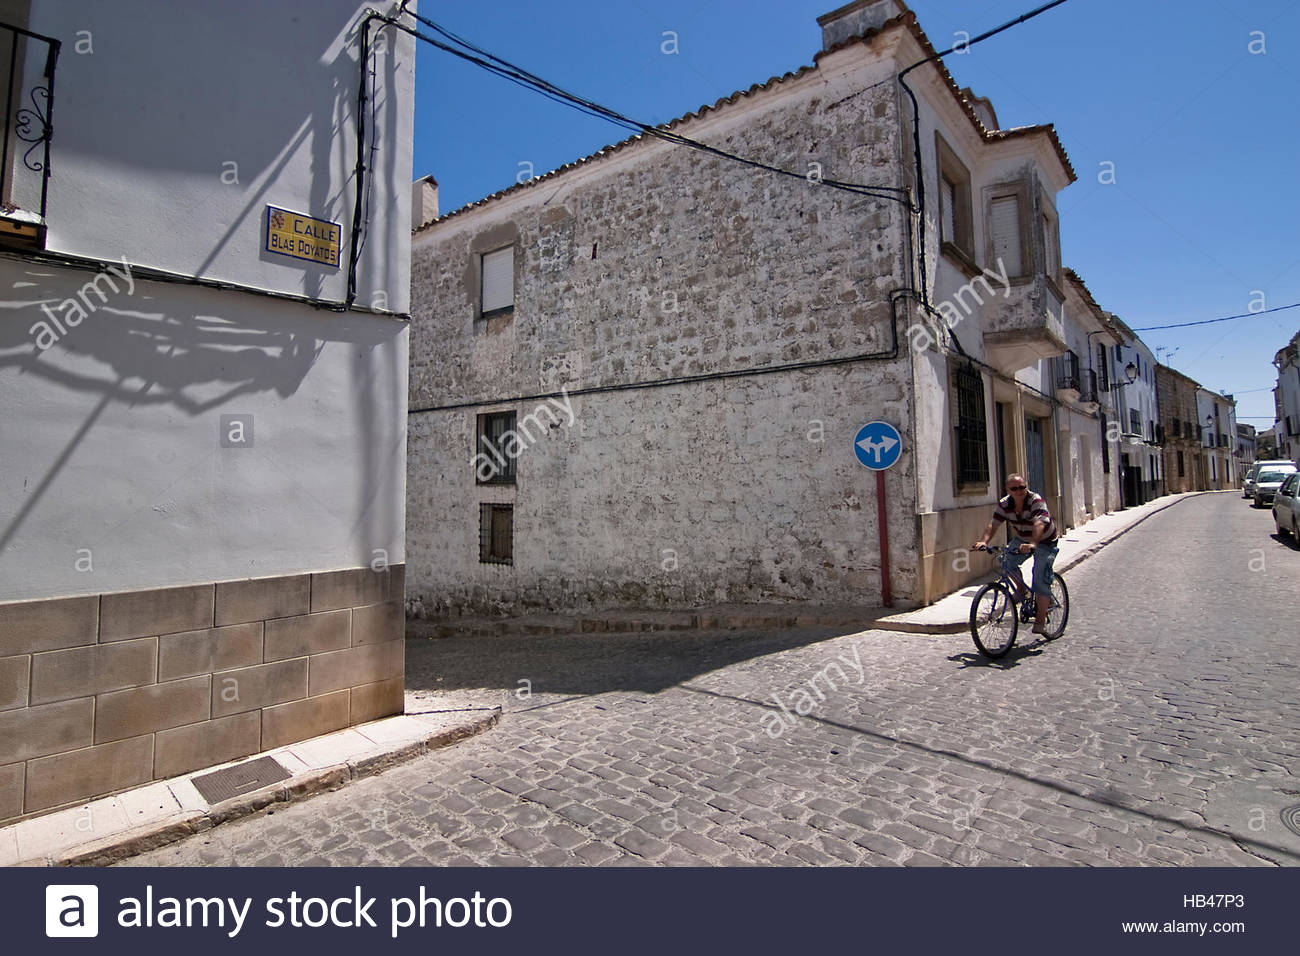 Street of Sabiote, Jaen, Spain - Stock Image